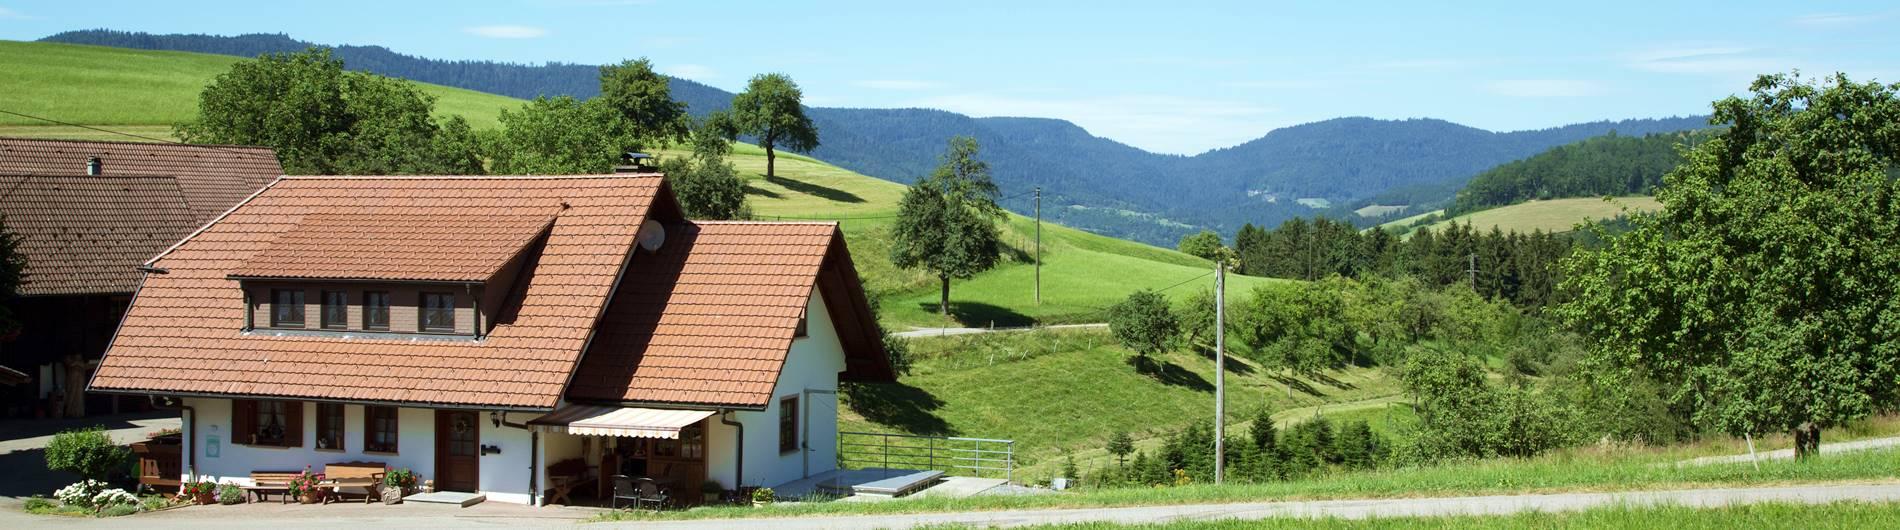 Blick auf das Leibgedinghaus und auf den Schwarzwald